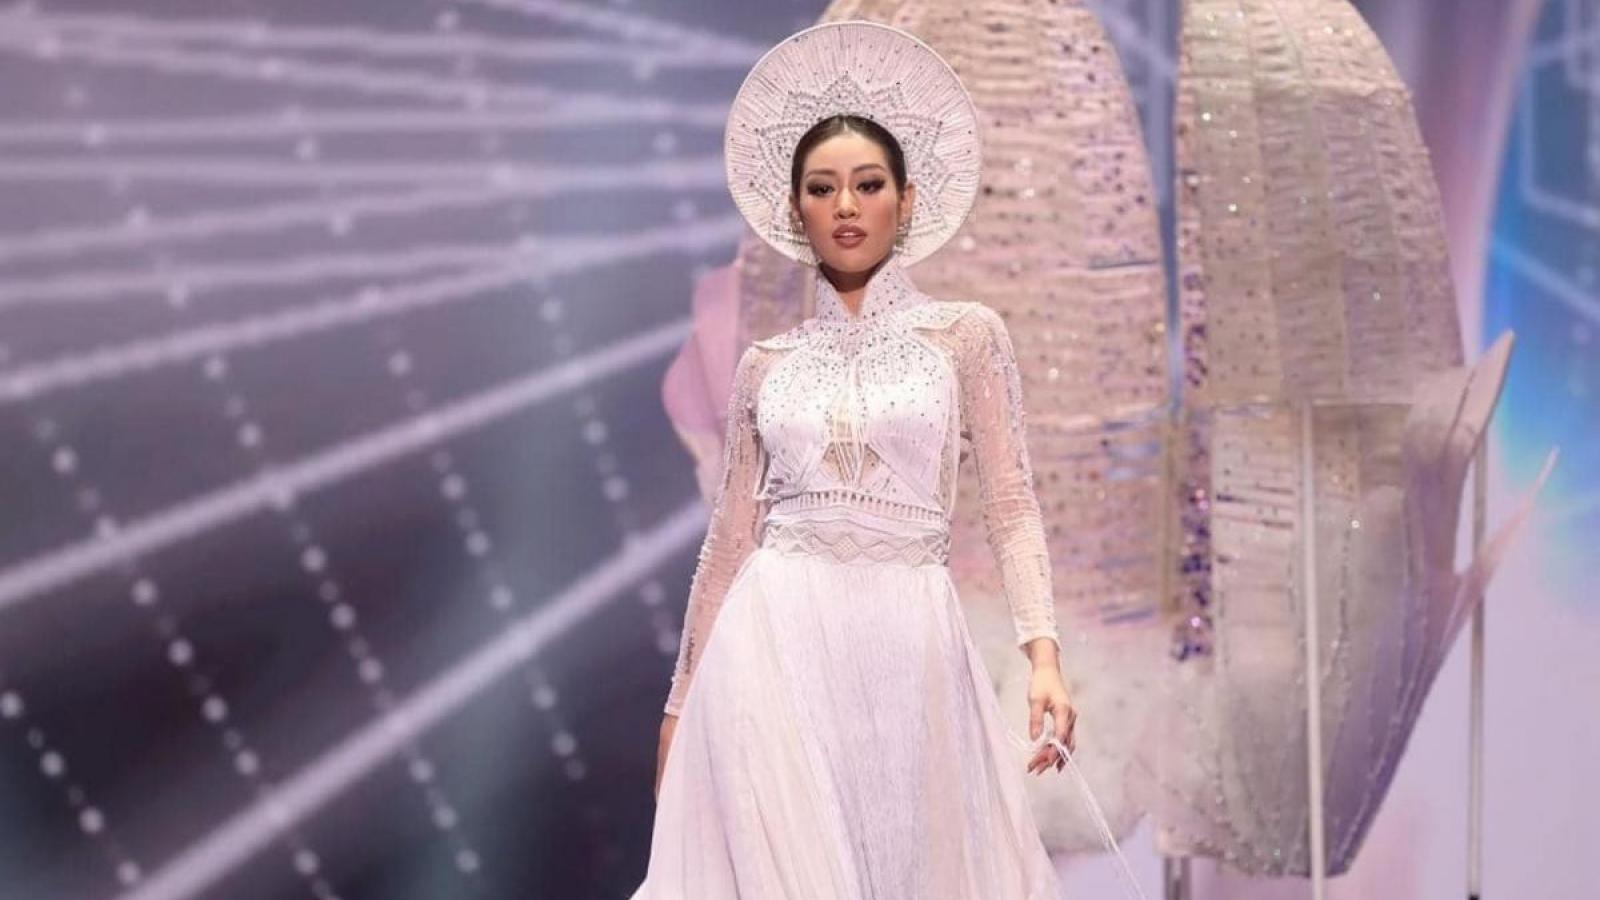 Hoa hậu Khánh Vân và hành trình lọt top 21 tại Miss Universe 2020